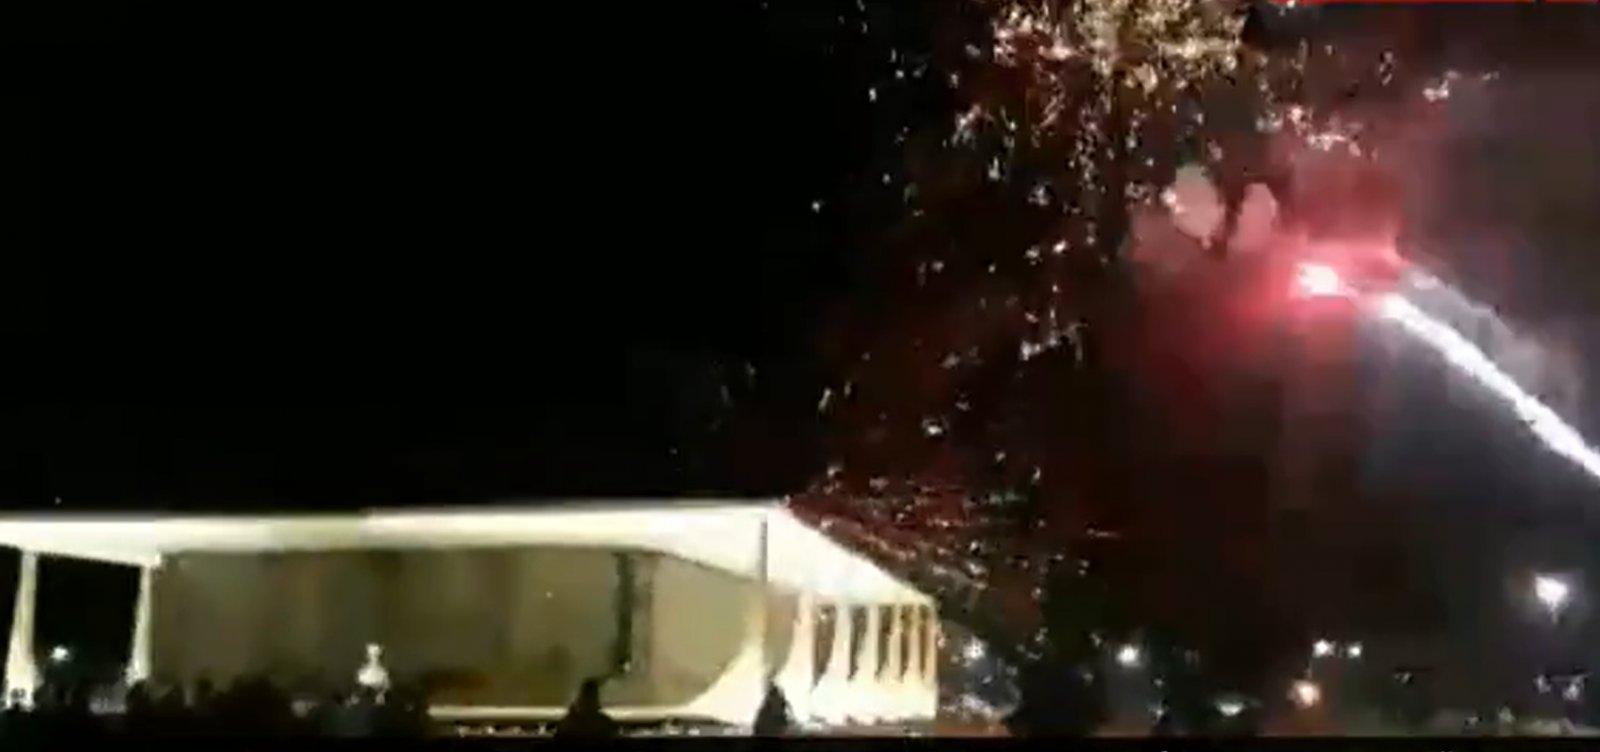 [Apoiadores de Bolsonaro lançam fogos de artifício contra o prédio do STF]